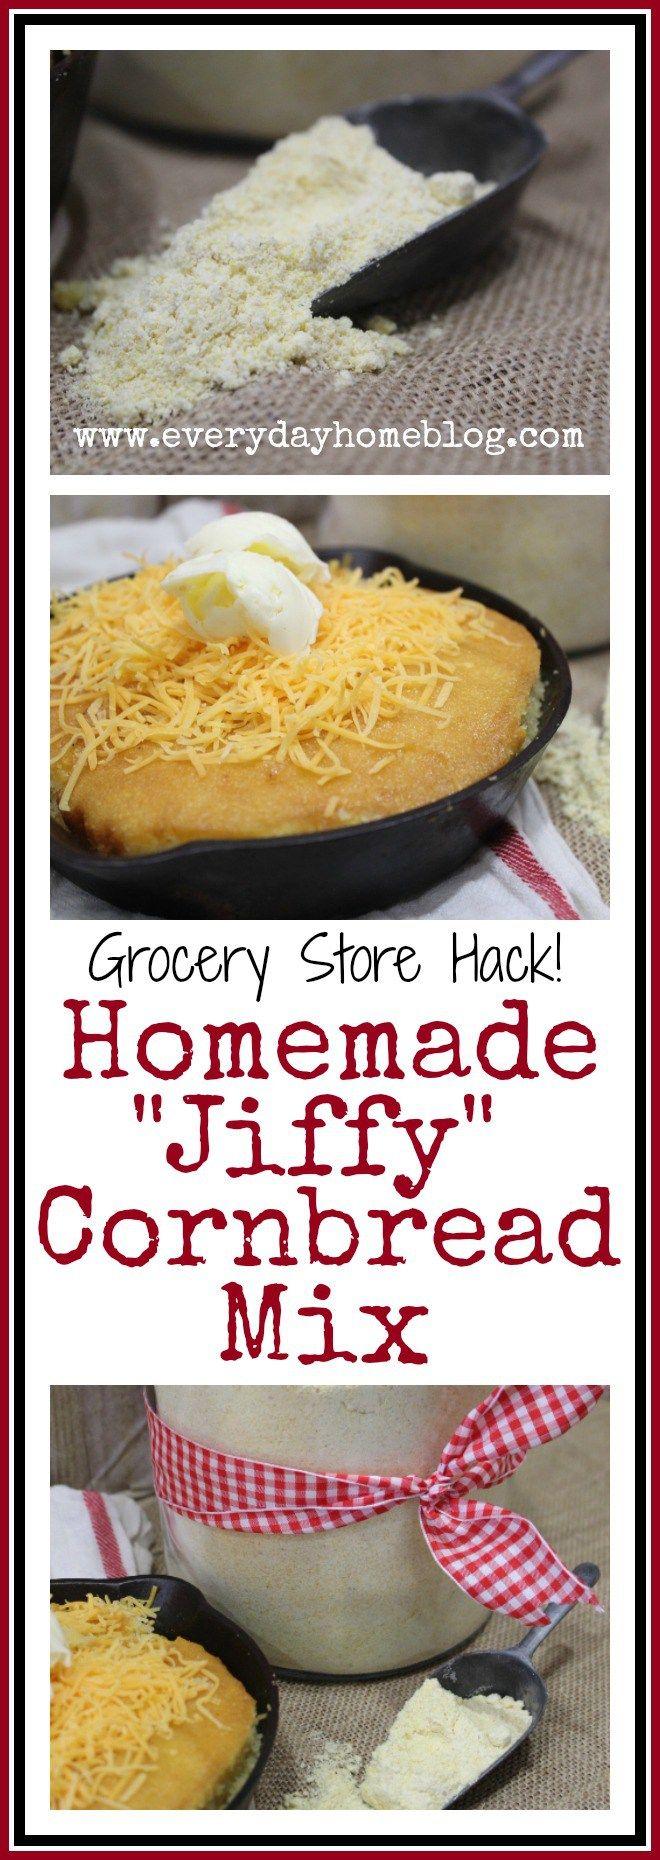 Homemade Jiffy Cornbread Mix | The Everyday Home | www.everydayhomeblog.com